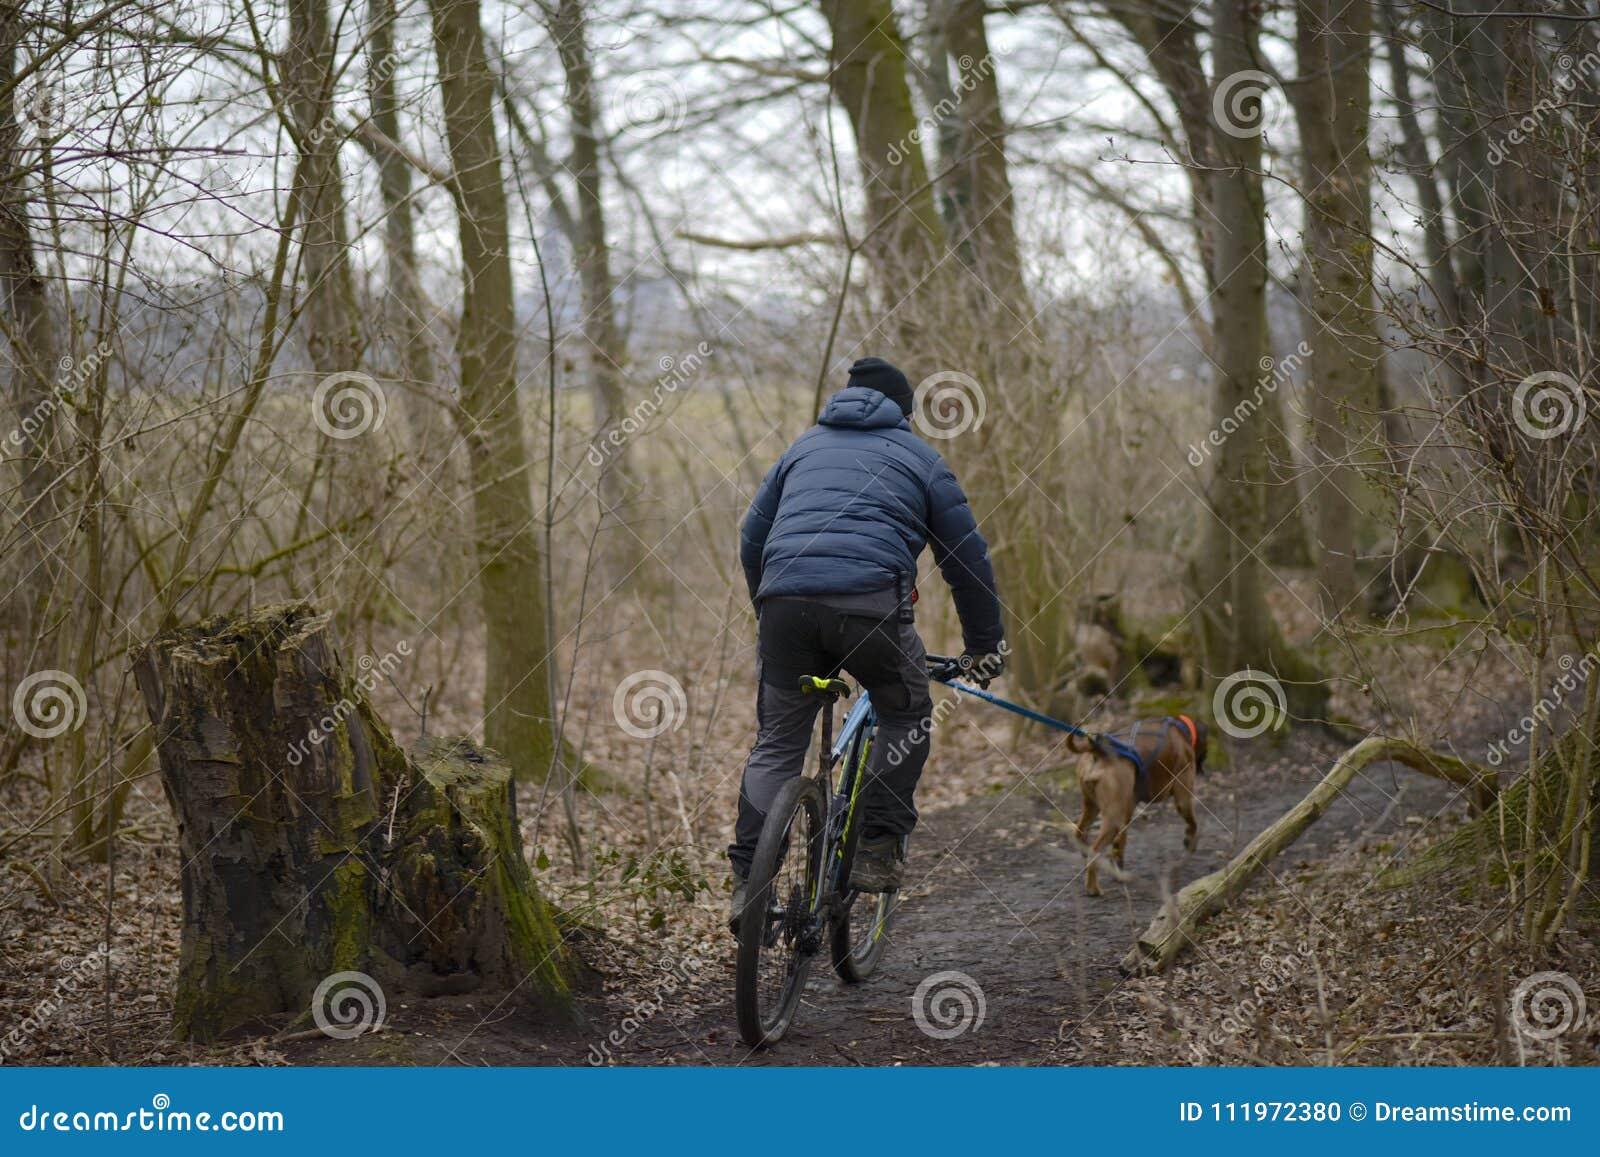 Χειμώνας ένα άτομο οδηγά ένα ποδήλατο στα ξύλα με ένα σκυλί